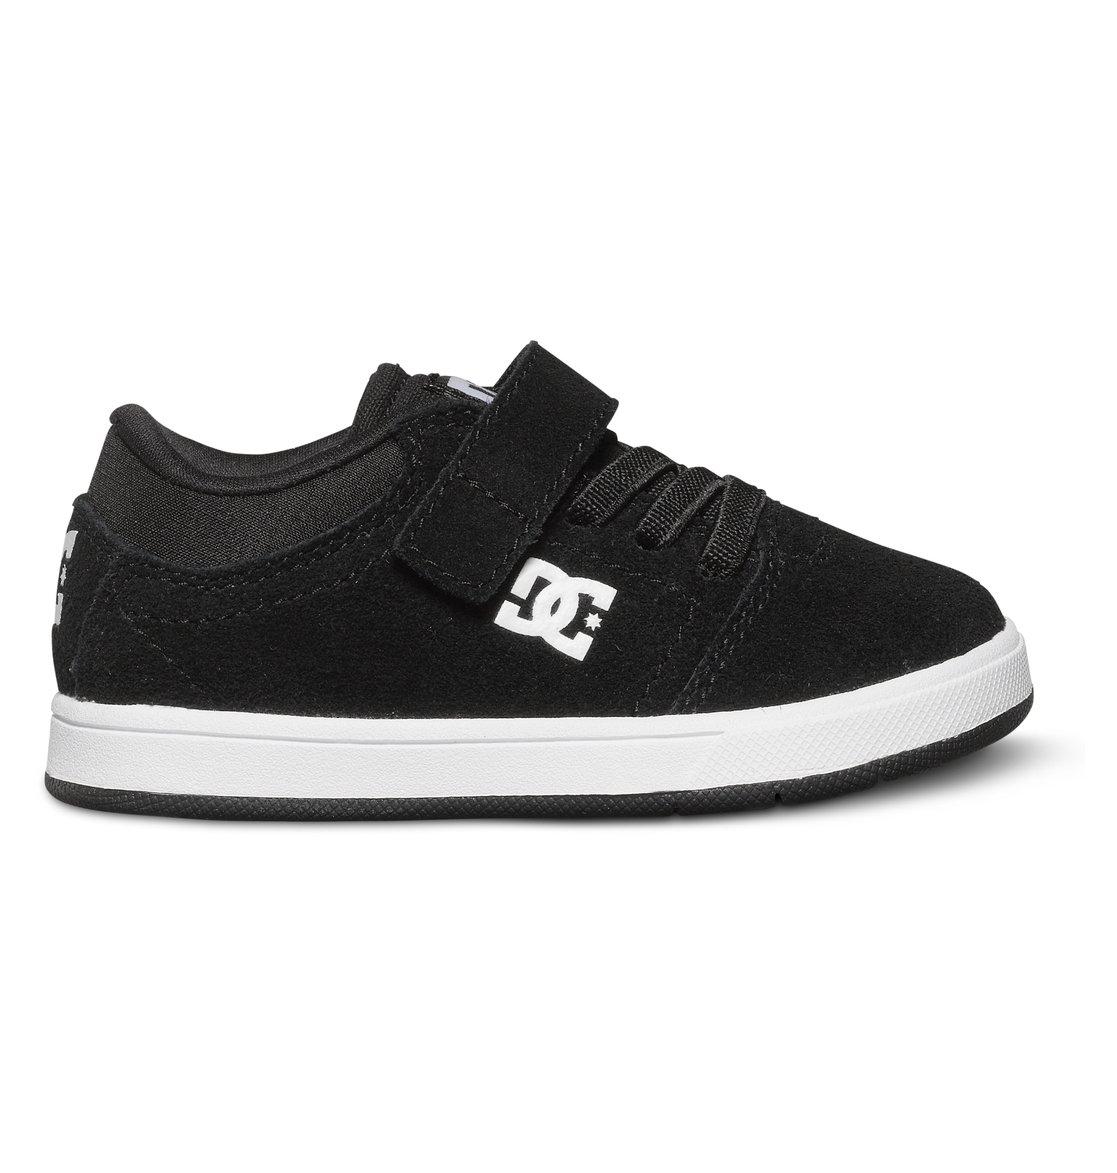 Shoes Low Kleinkinder Für Adts100021Dc Crisis Tops gyf7b6